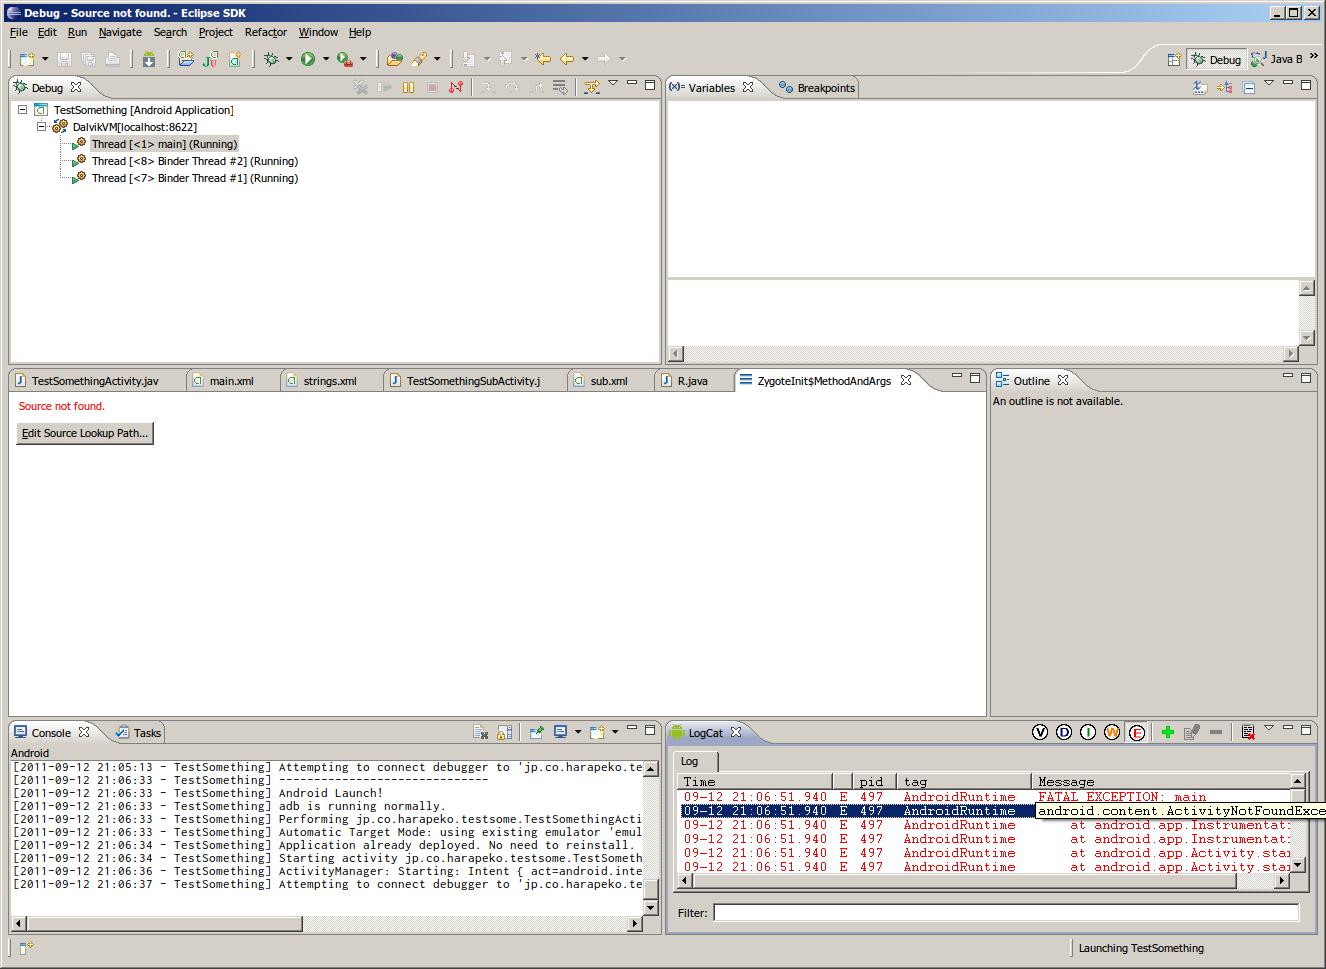 DDMS のパースペクティブで LogCat を確認